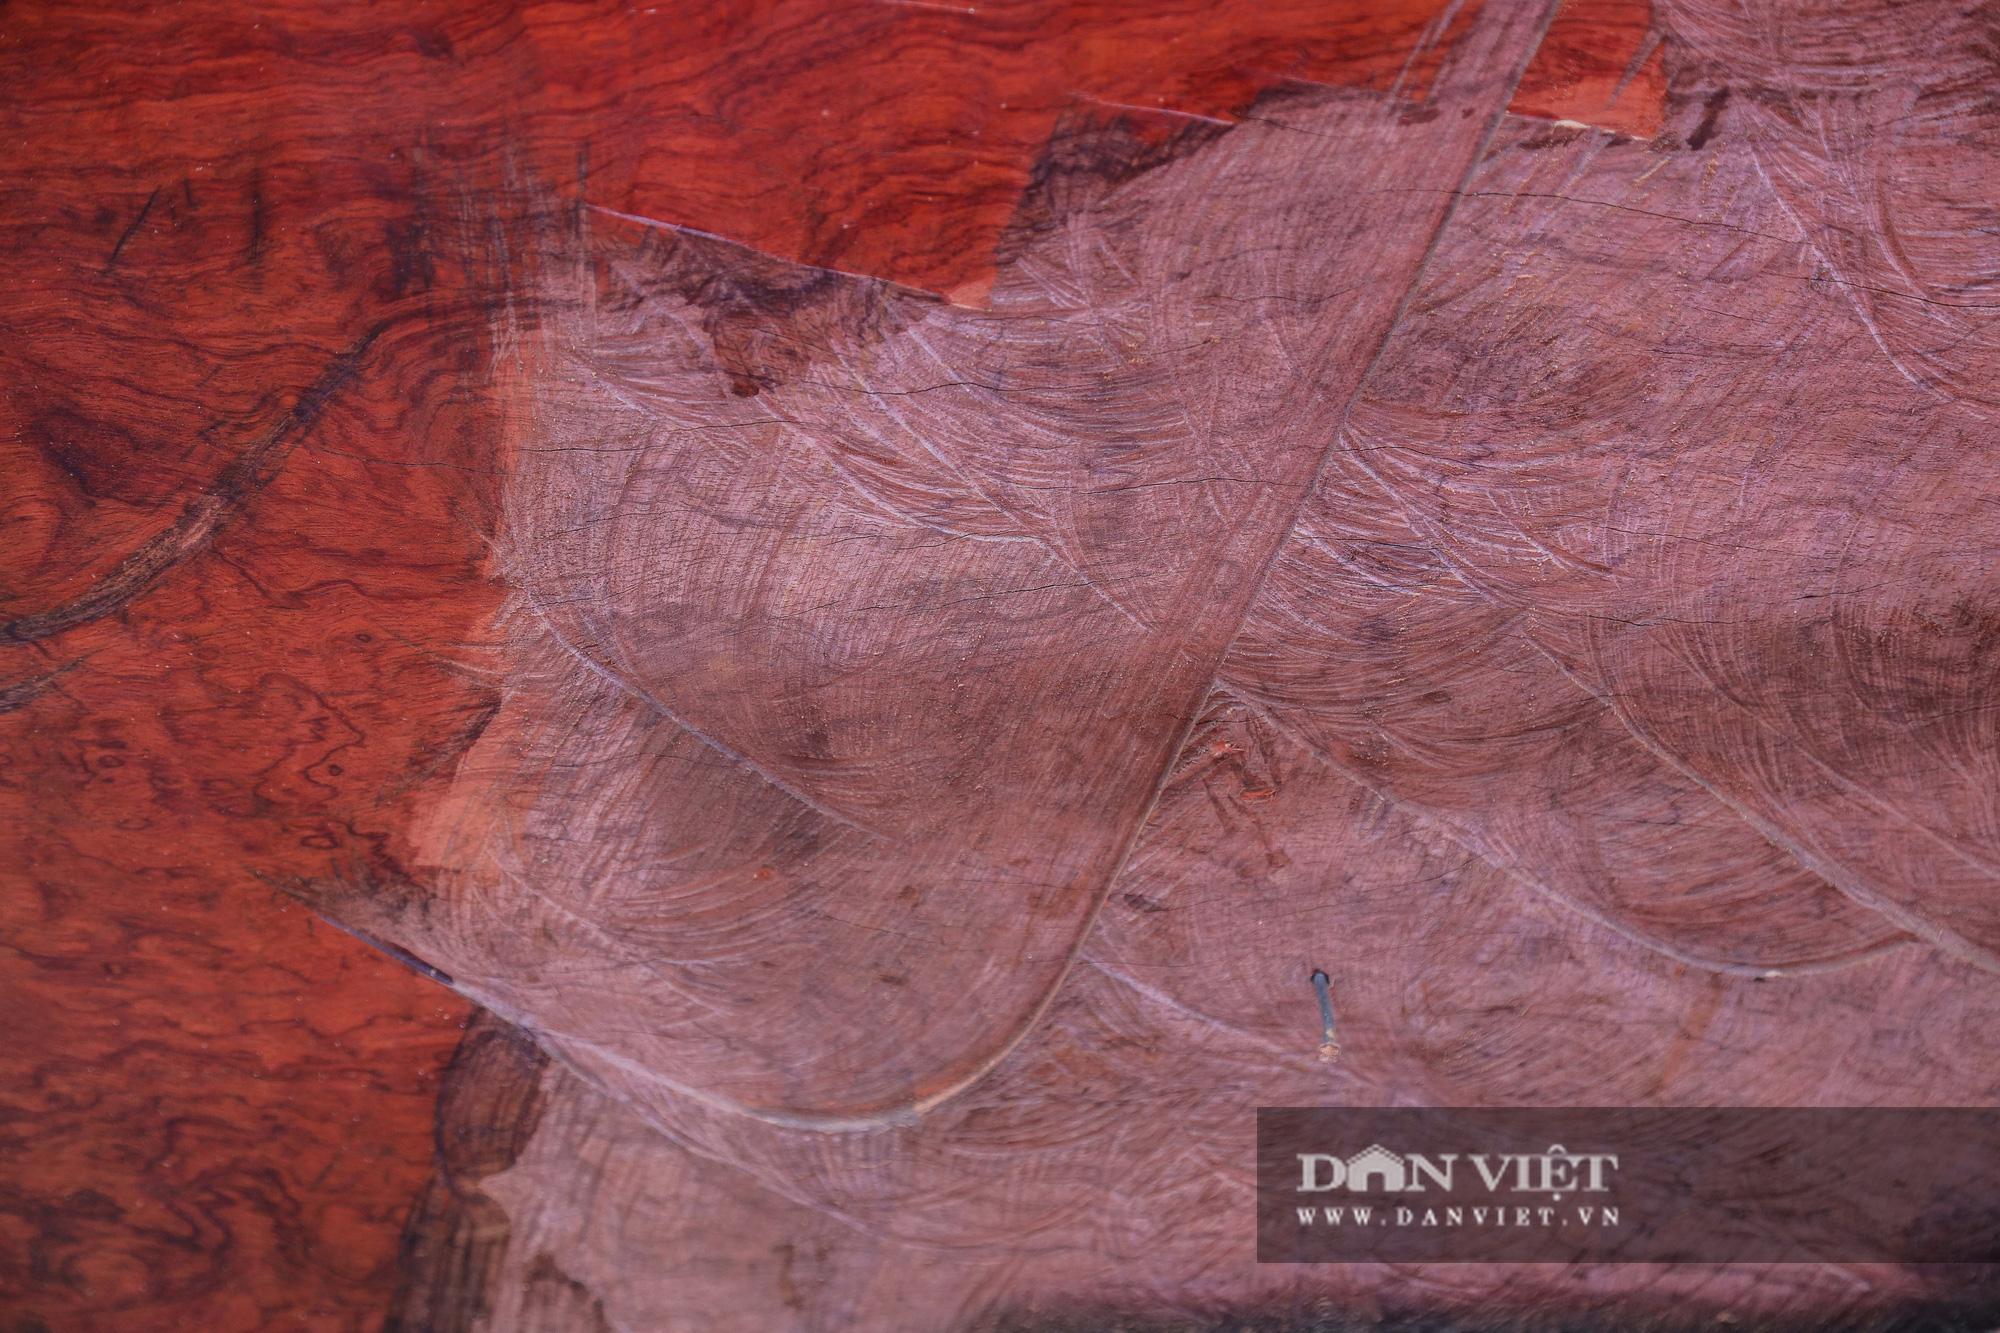 Ngỡ ngàng khúc gỗ 10 tỷ đồng ở hội chợ đồ gỗ Hà Nội - Ảnh 6.